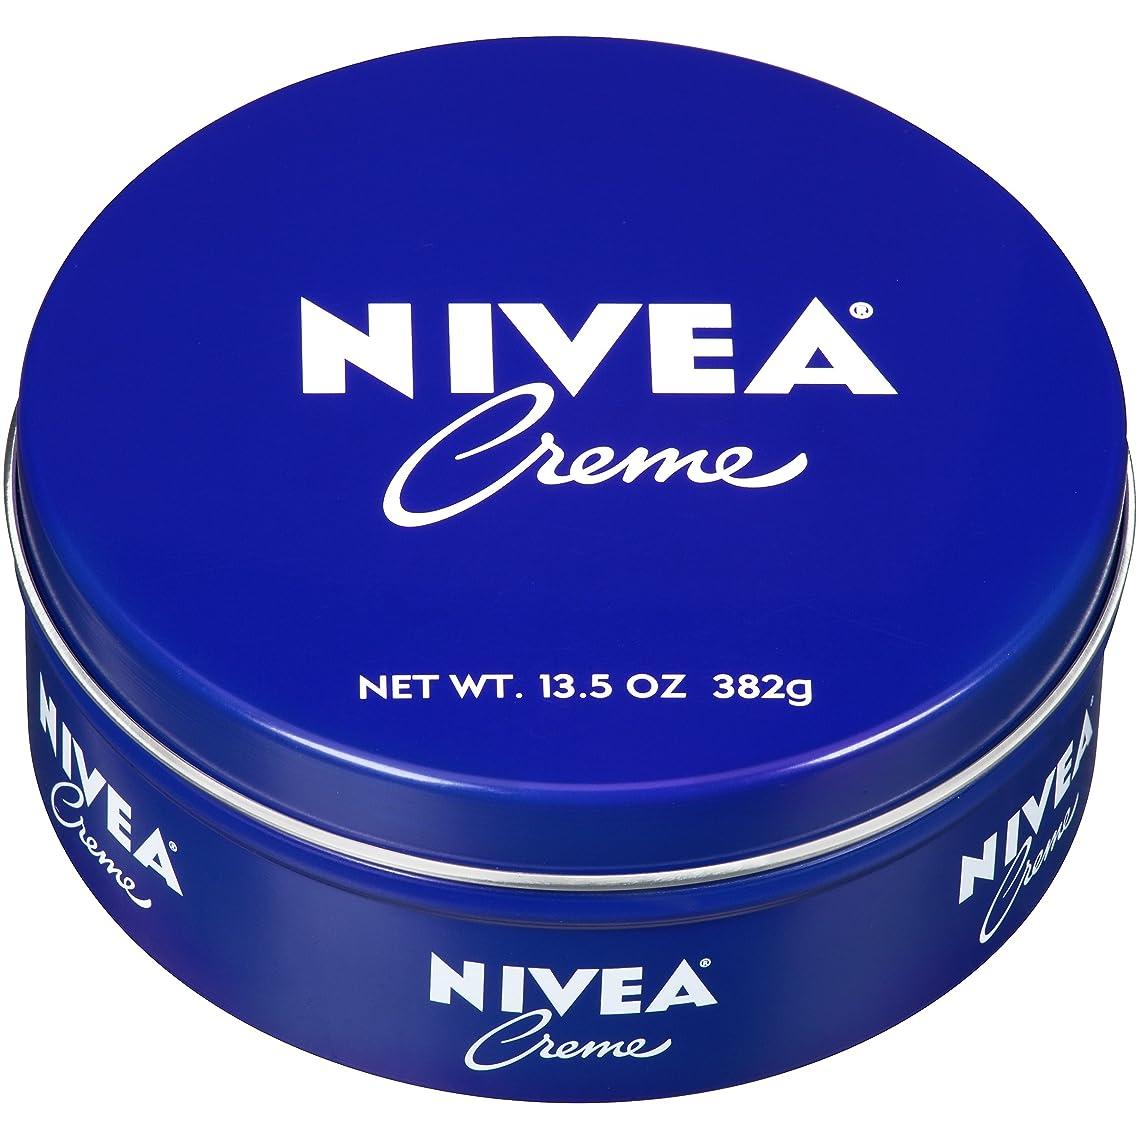 製造業宿命ハイキングに行くNIVEA ニベア クリーム 特大サイズ 400g アルミ缶